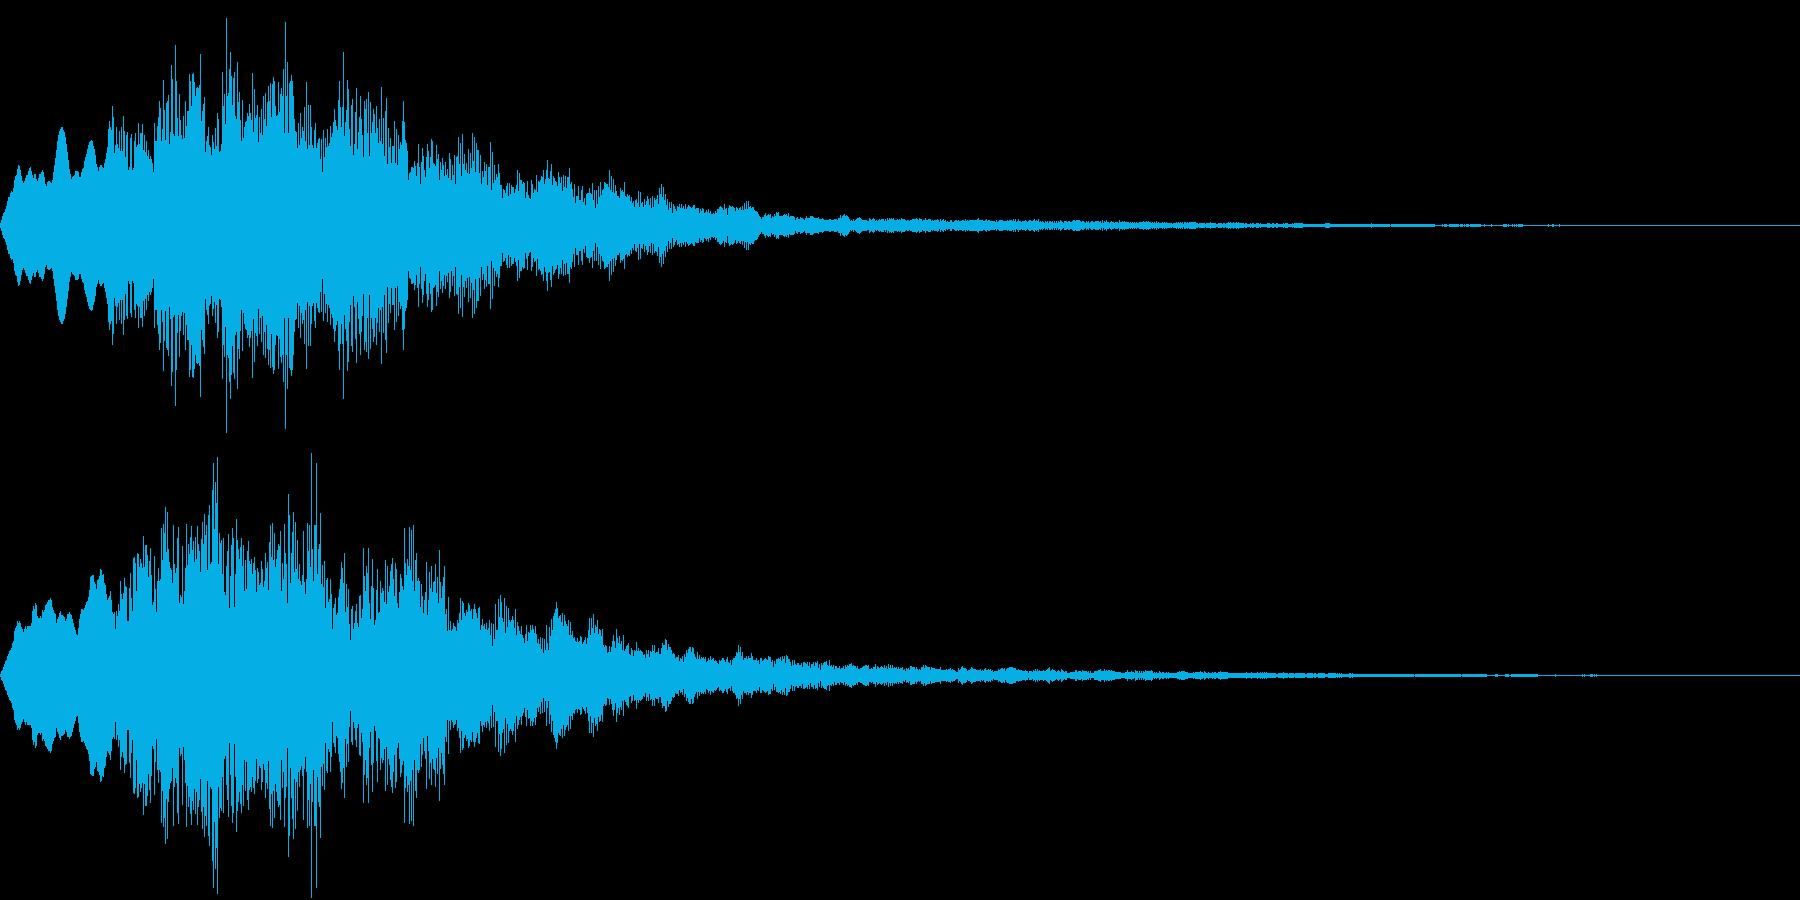 Level 短めのレベルアップSE 3の再生済みの波形